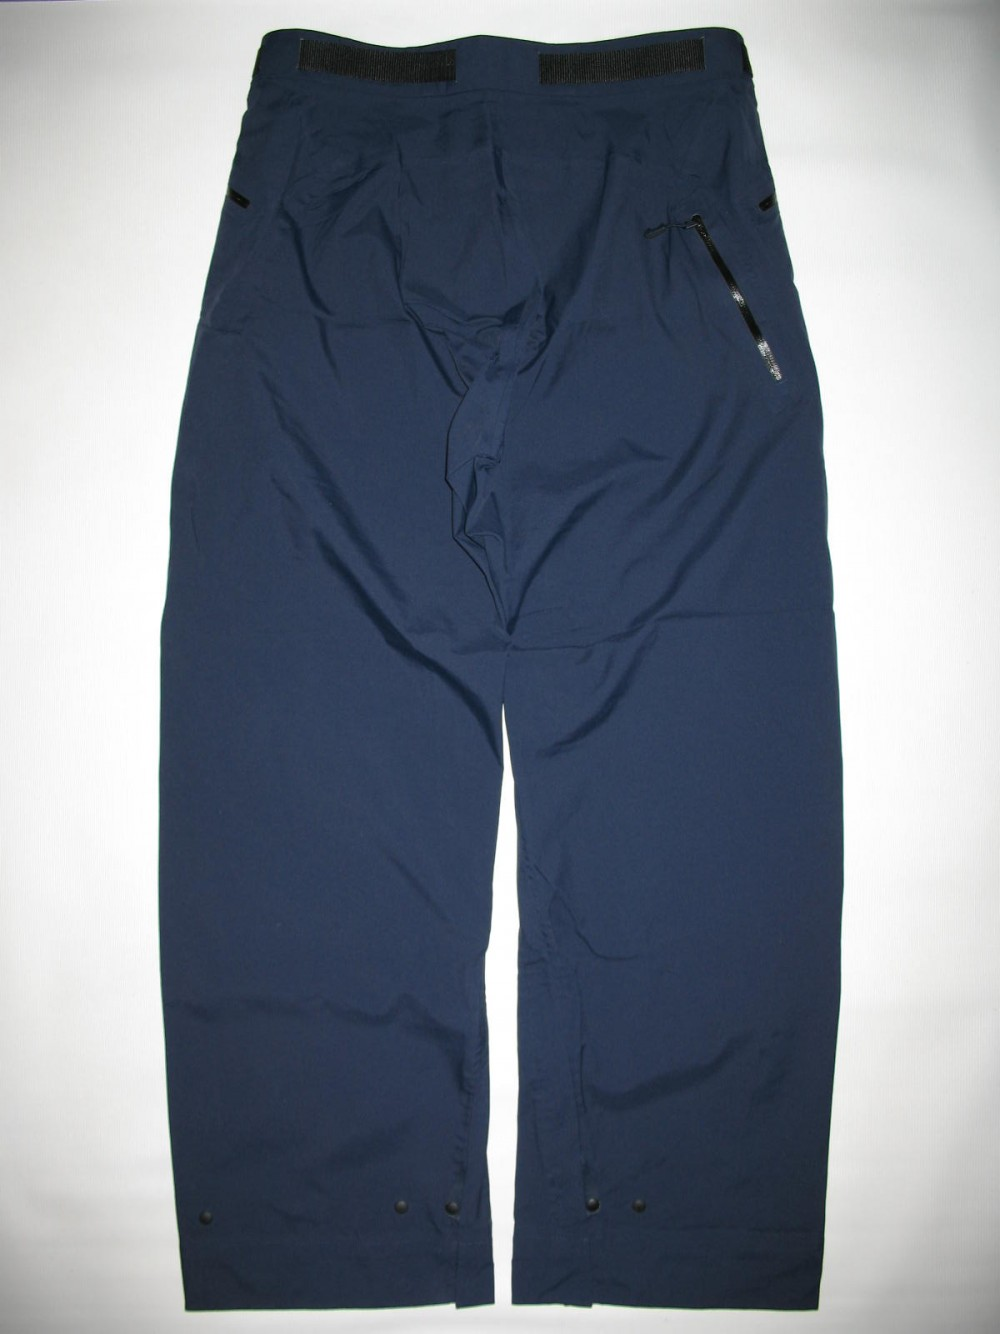 Штаны RLX membrain pants (размер M) - 5